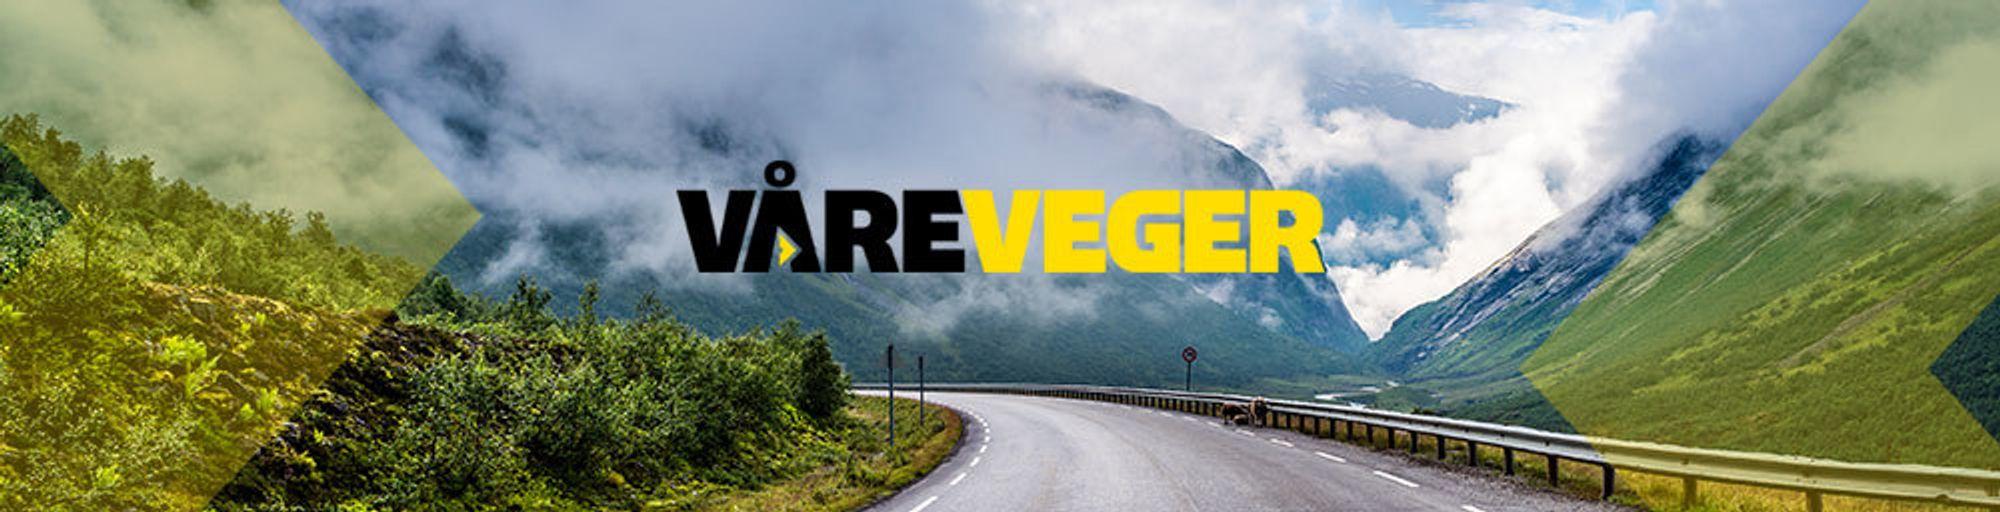 Veier24.no / Våre Veger